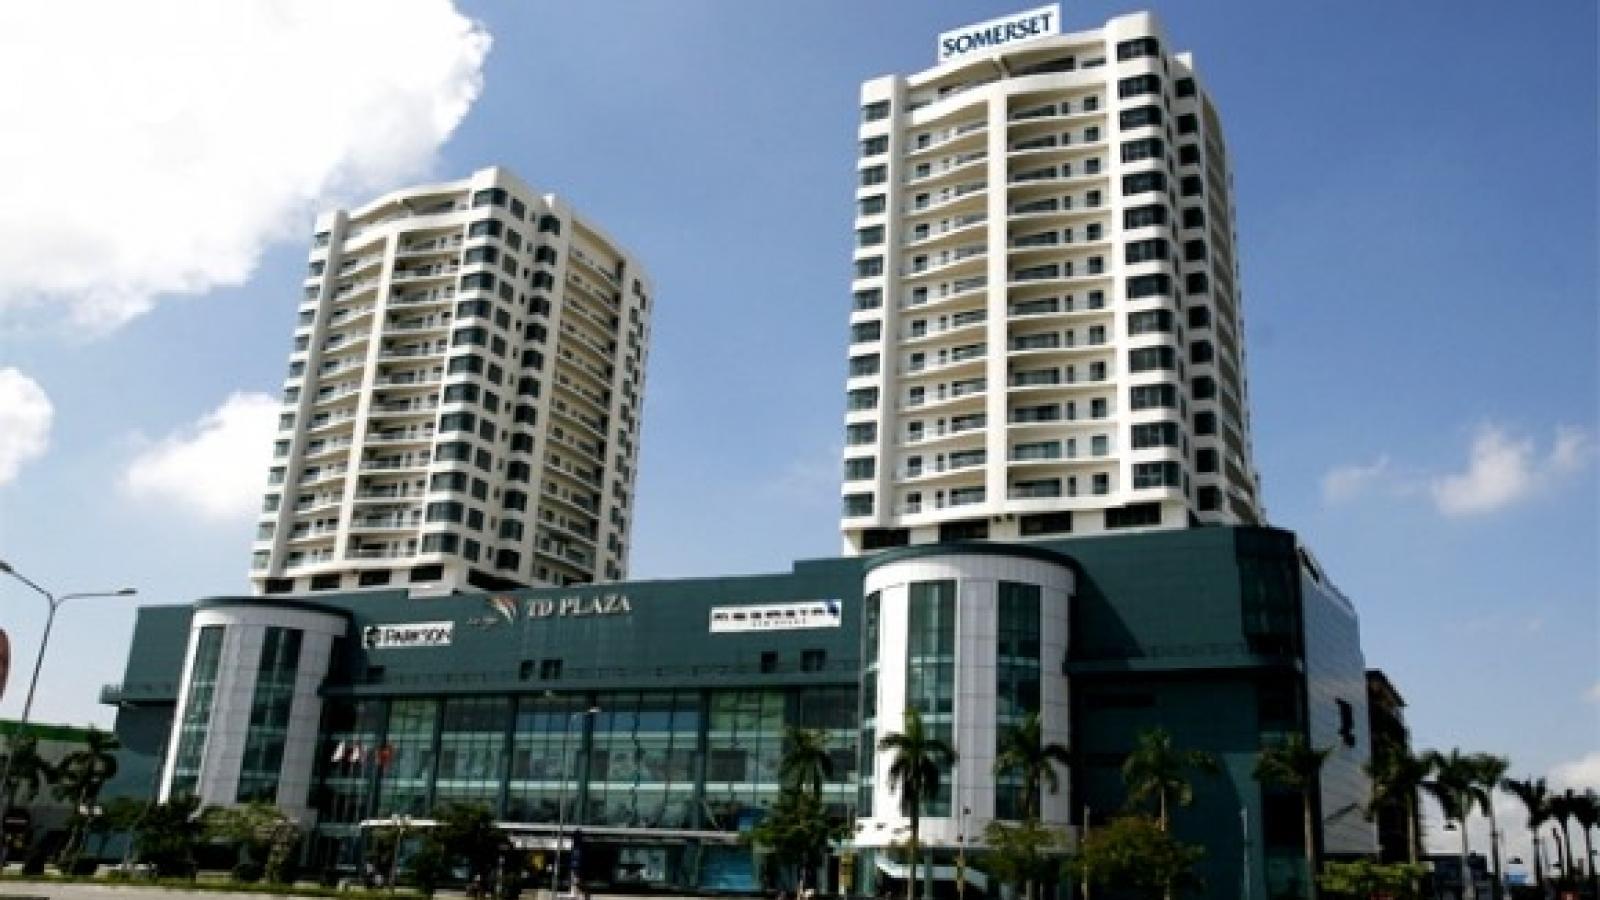 Cư dân chung cư TD Plaza (Hải Phòng) kêu cứu vì chủ đầu tư chây ì làm sổ hồng